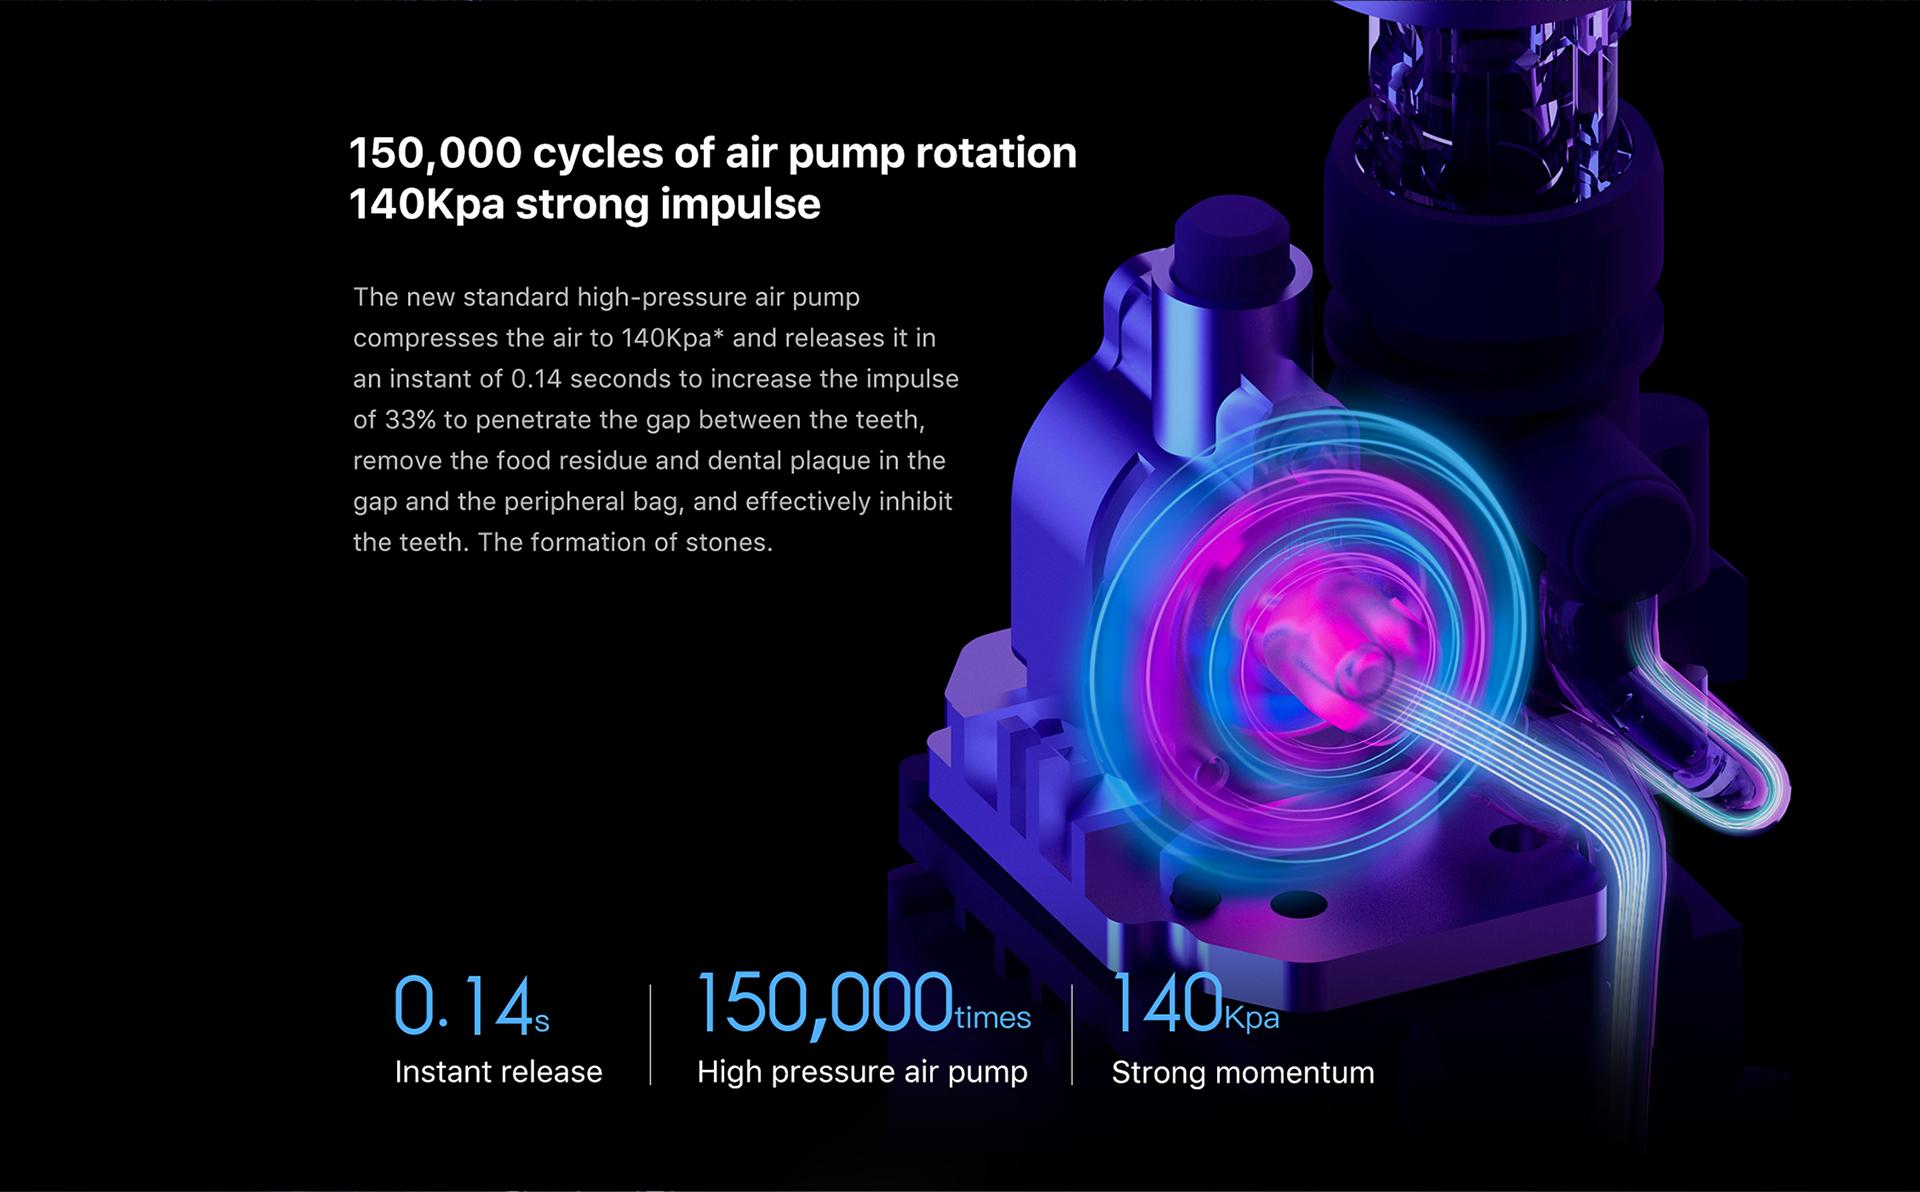 150000 cycles of air pump rotation 140Kpa strong impulse